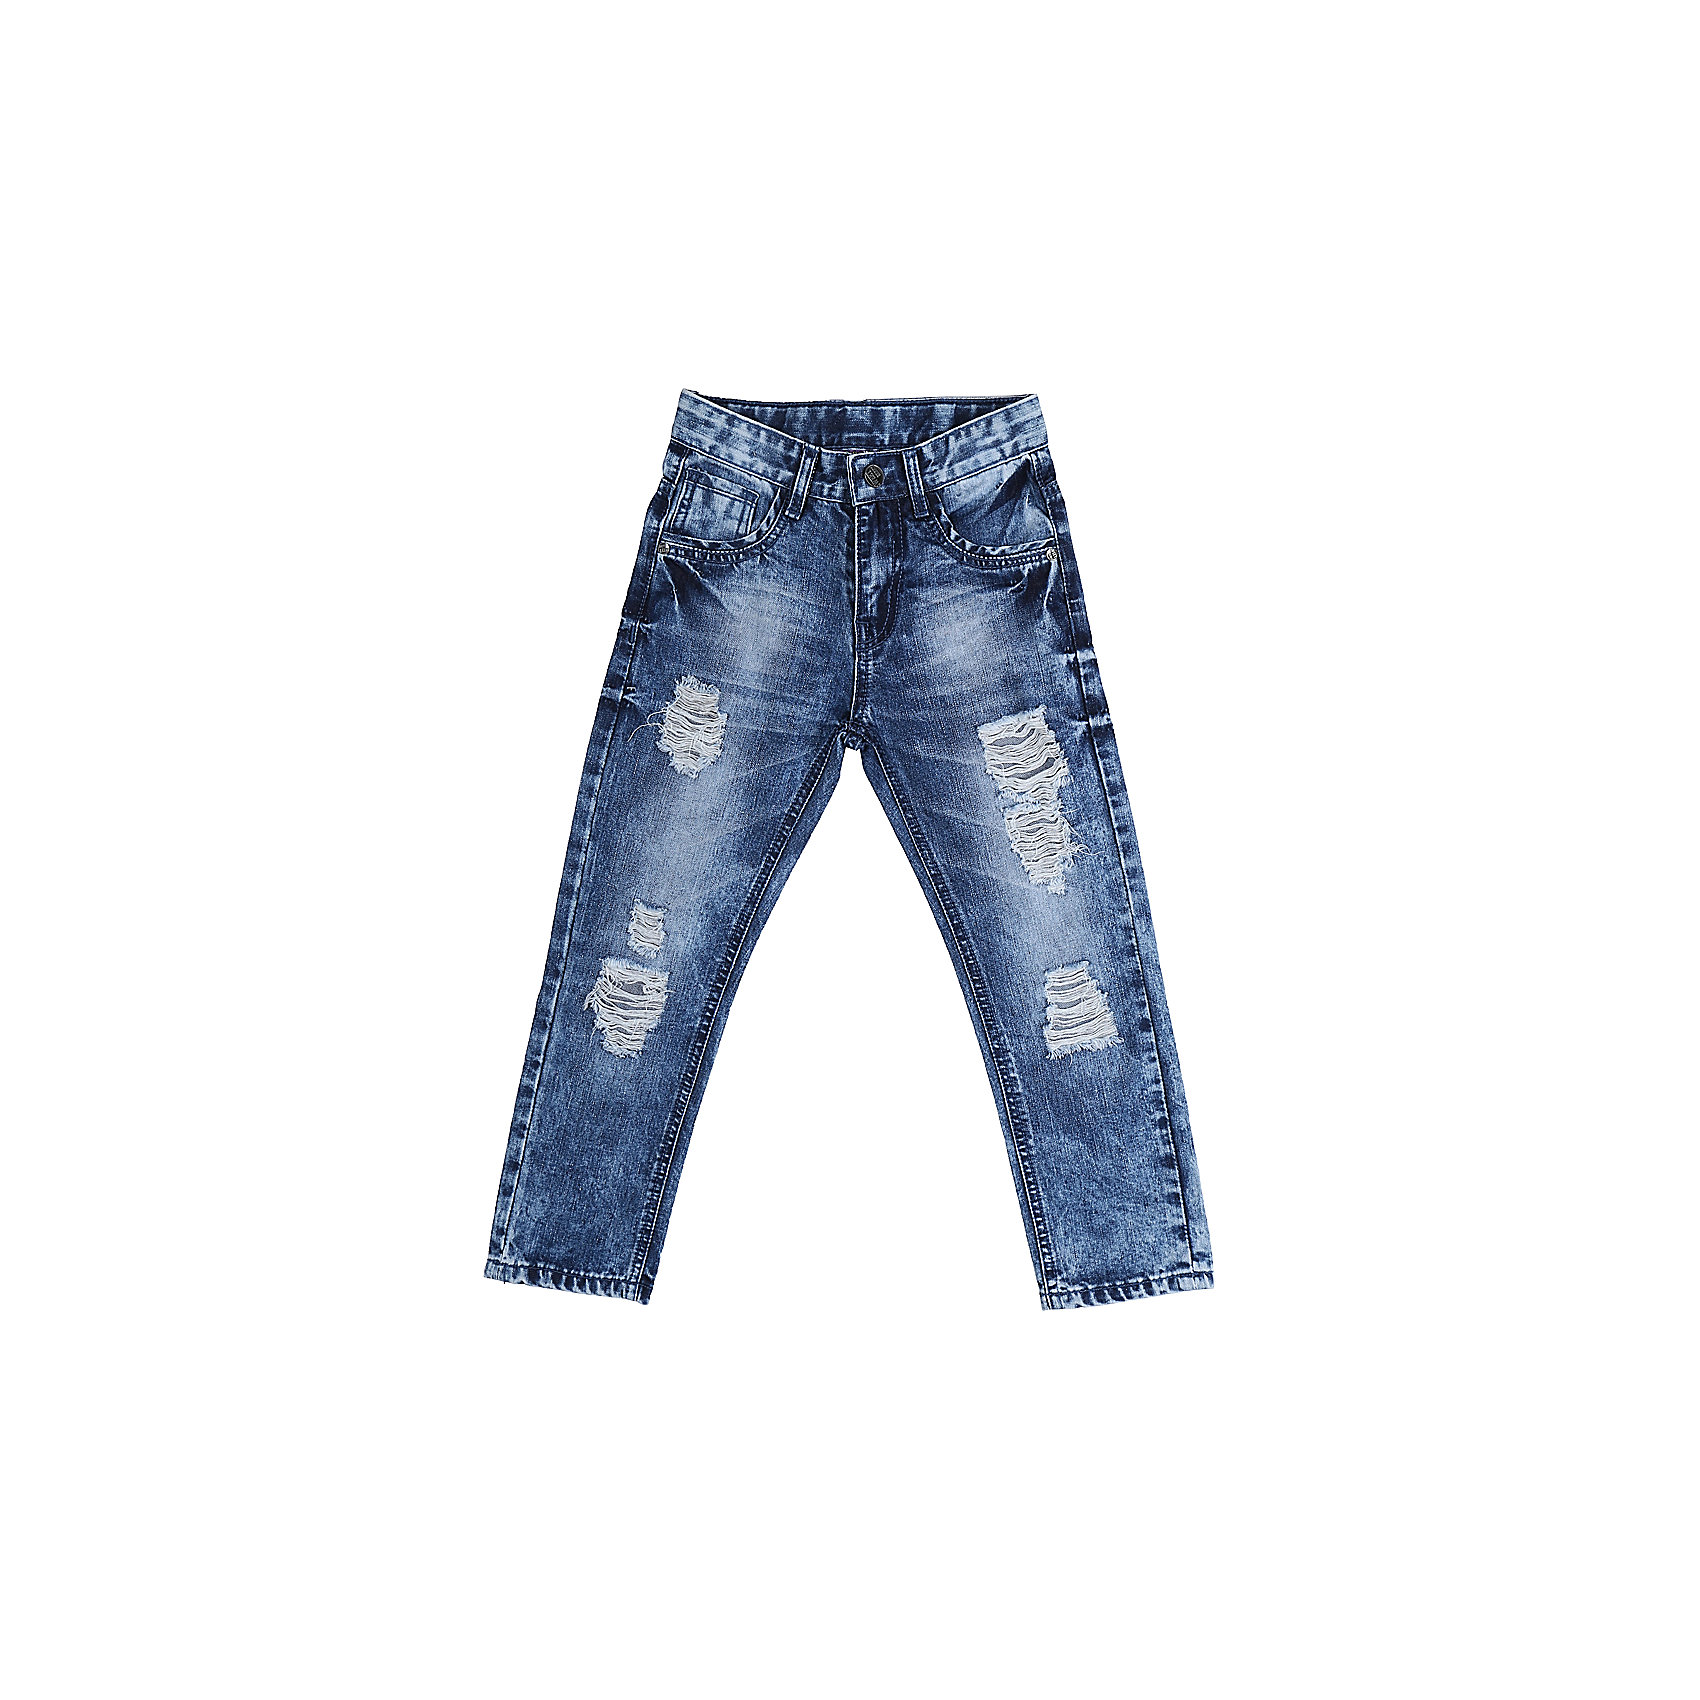 Джинсы для мальчика Sweet BerryДжинсовая одежда<br>Джинсы  для мальчика с оригинальной варкой. Декорированы эффектом рваной джинсы. Зауженный крой, средняя посадка. Застегиваются на молнию и пуговицу. Шлевки на поясе рассчитаны под ремень. В боковой части пояса находятся вшитые эластичные ленты, регулирующие посадку по талии.<br>Состав:<br>100%хлопок<br><br>Ширина мм: 215<br>Глубина мм: 88<br>Высота мм: 191<br>Вес г: 336<br>Цвет: синий<br>Возраст от месяцев: 36<br>Возраст до месяцев: 48<br>Пол: Мужской<br>Возраст: Детский<br>Размер: 116,122,128,104,98,110<br>SKU: 5410194